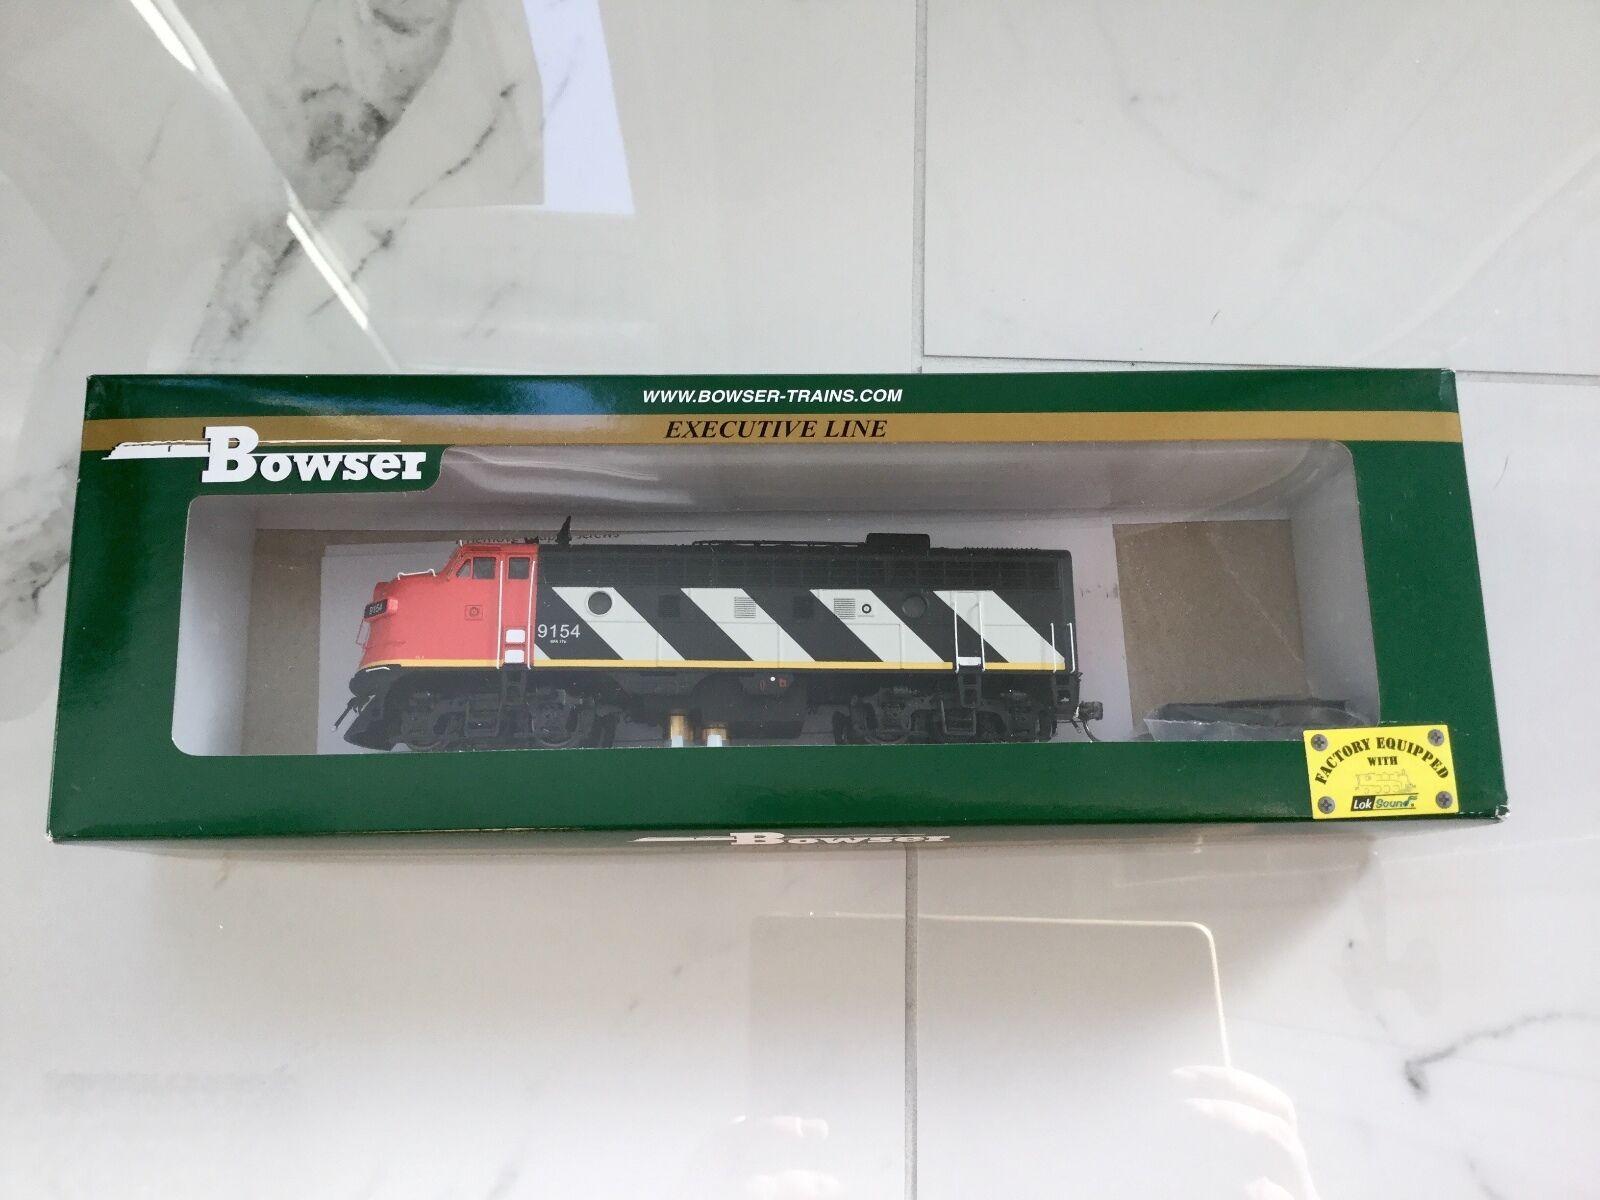 tienda Bowser Ho Escala 1 87 F-7A nacional canadiense DCC DCC DCC y Sonido Rd   9154 F S   24039  Todos los productos obtienen hasta un 34% de descuento.